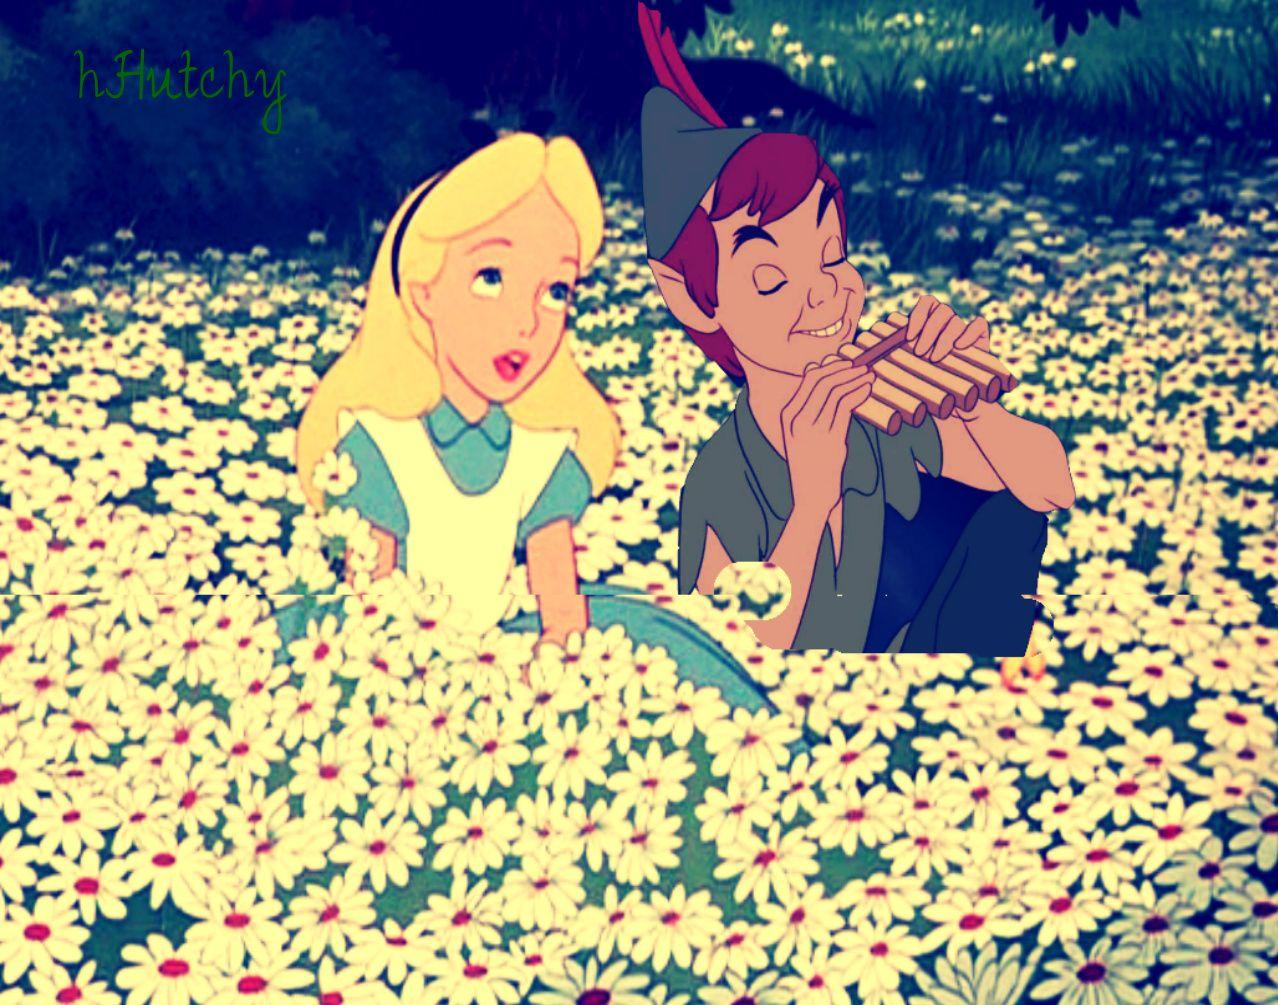 Music magic - disney-crossover Photo hahahaha